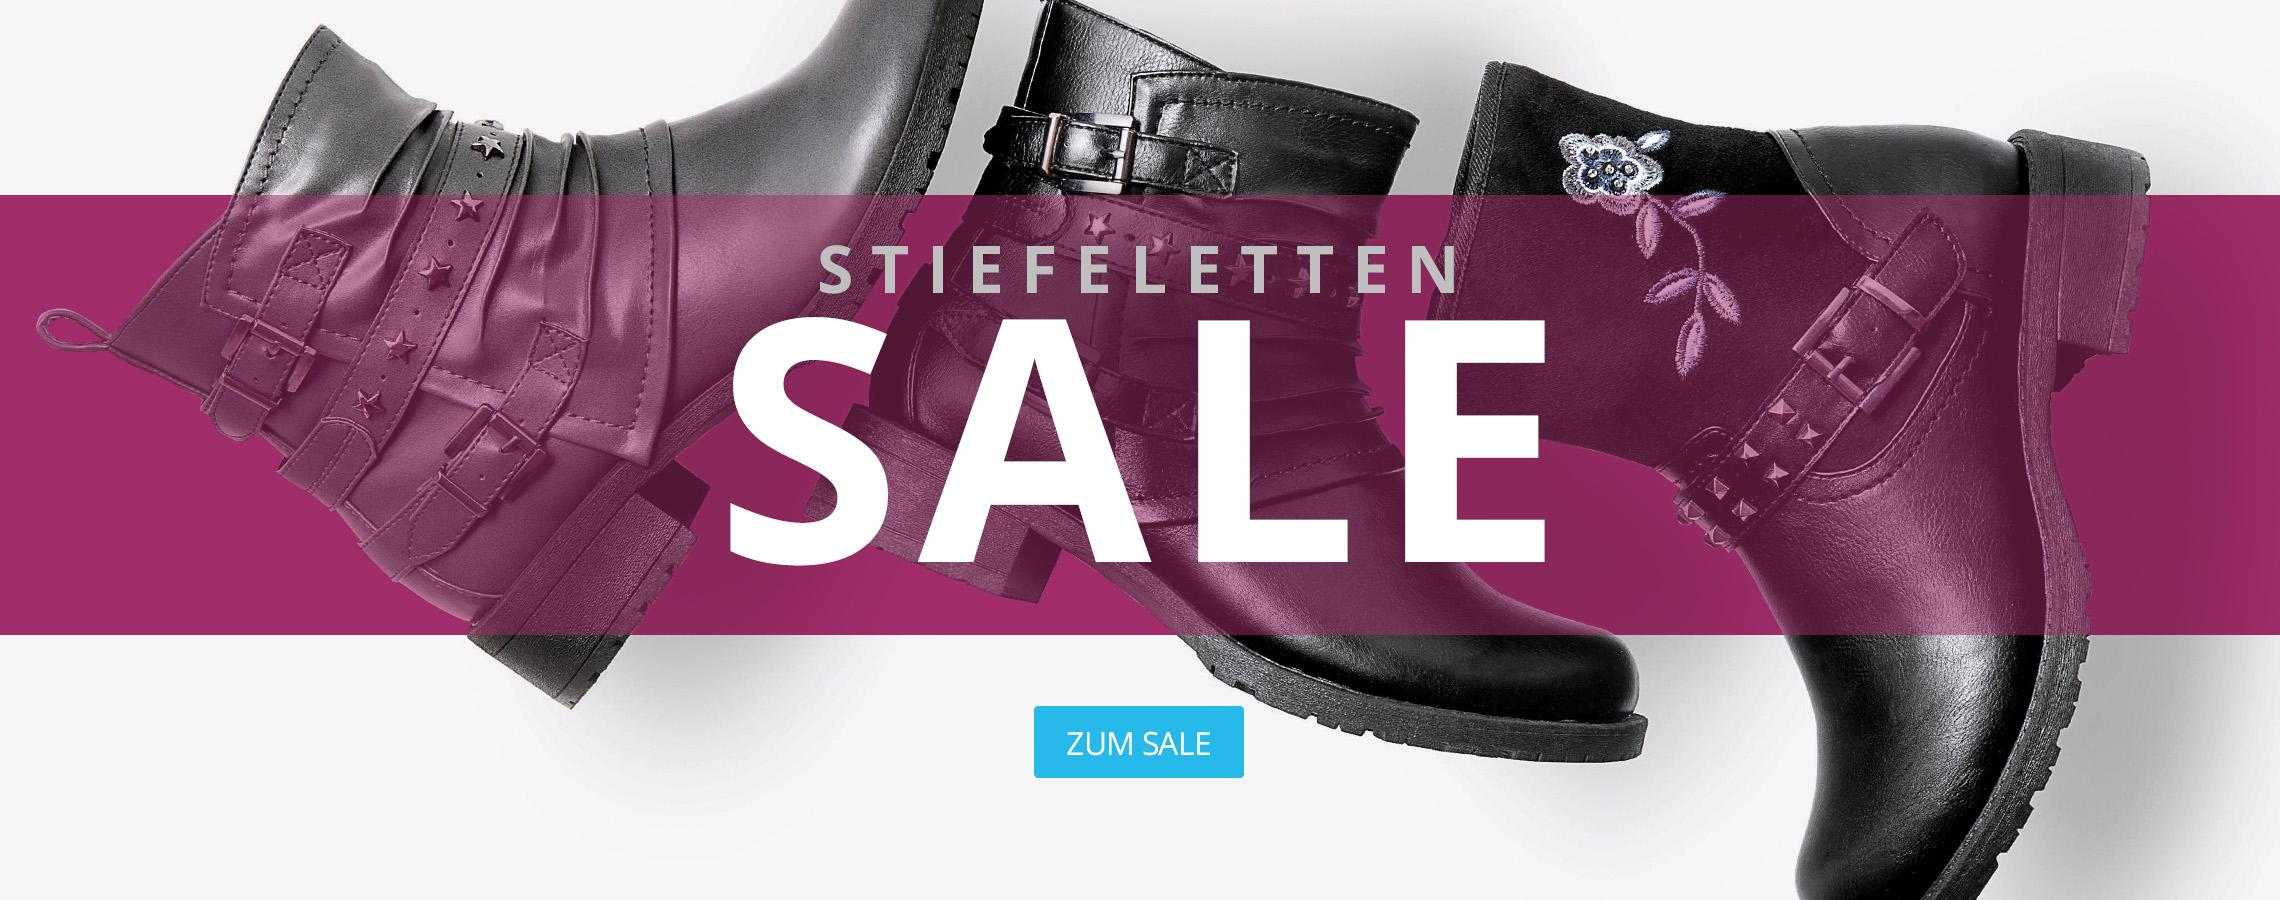 Stiefeletten-Sale bei I'm walking